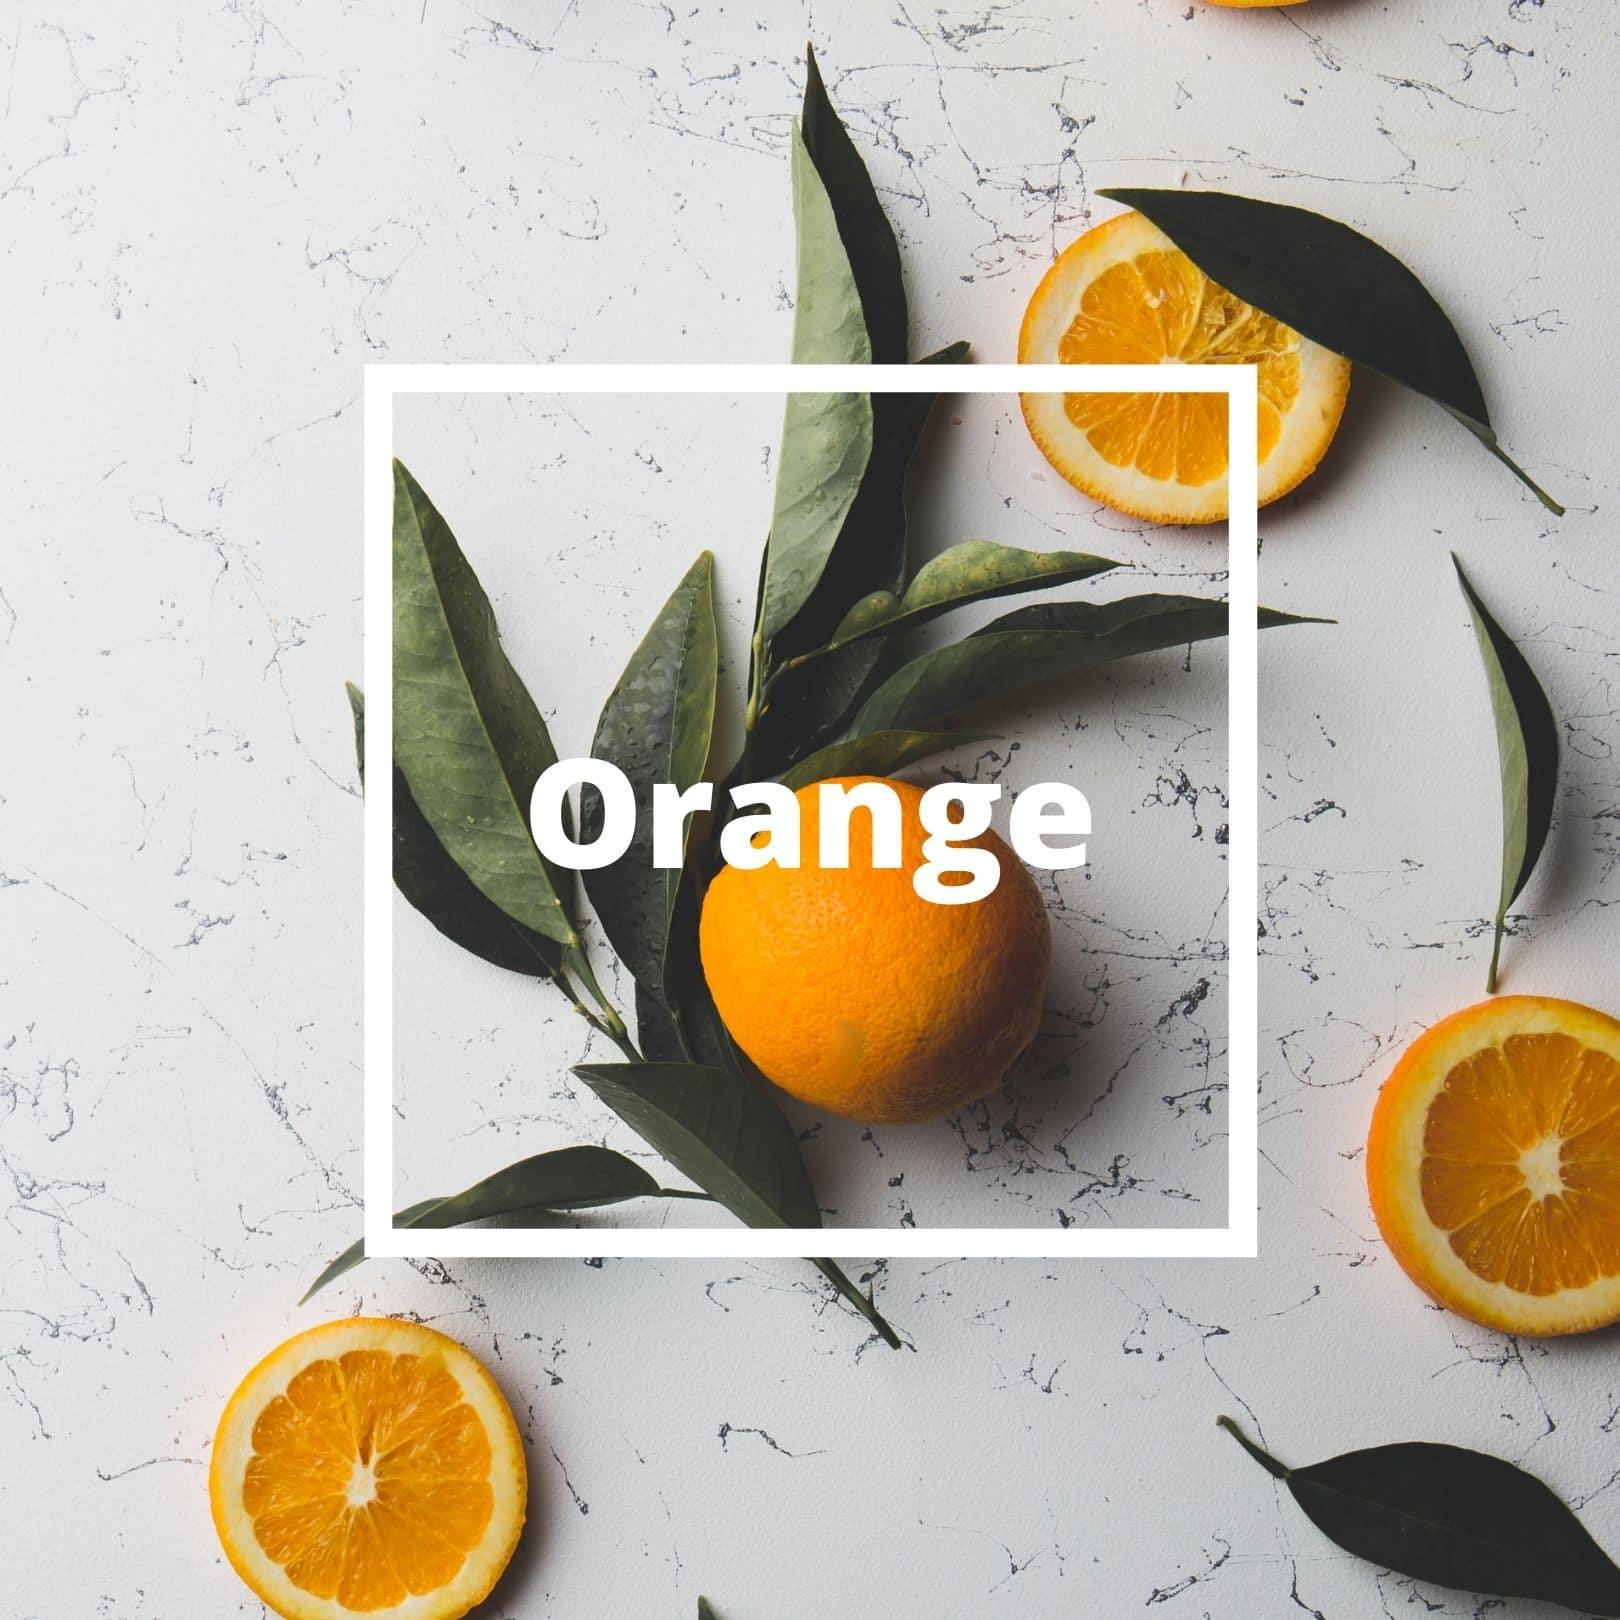 L'ATELIERO - Orange - Innocent Addiction